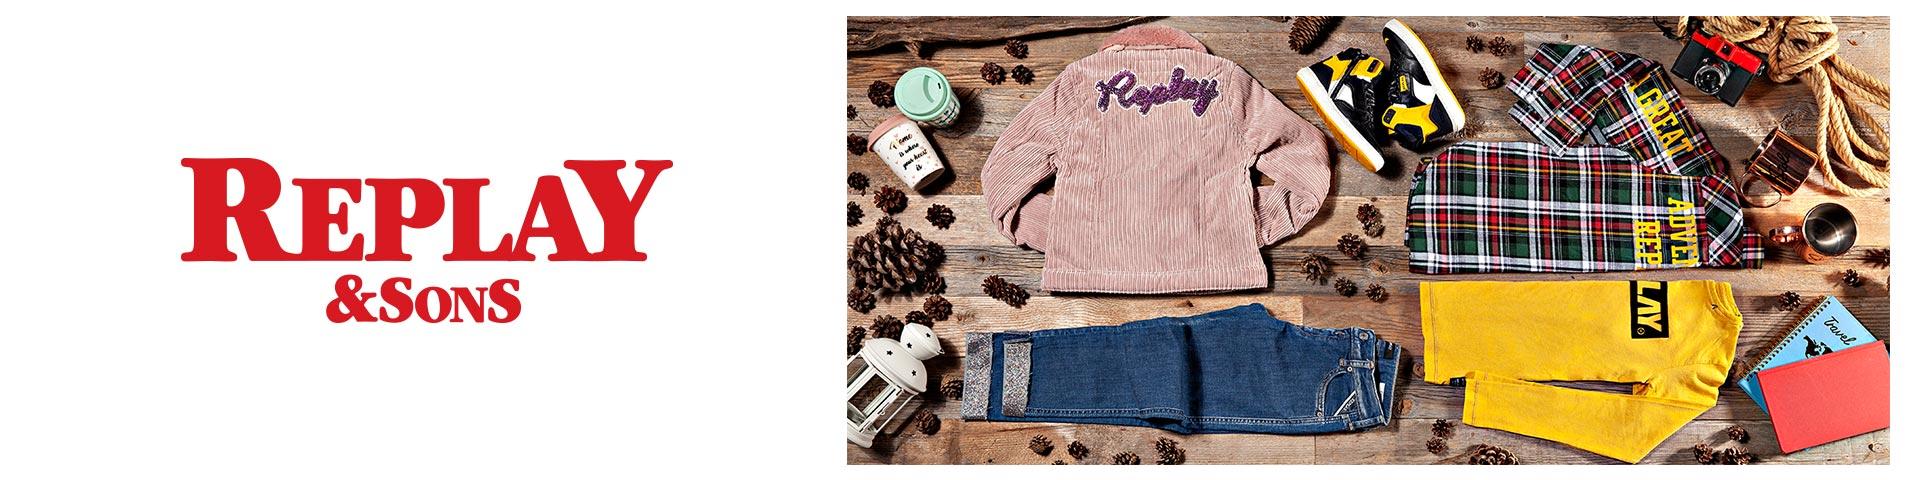 Blå Replay Bukser & Jeans | Barn | Barneklær på nett hos Zalando